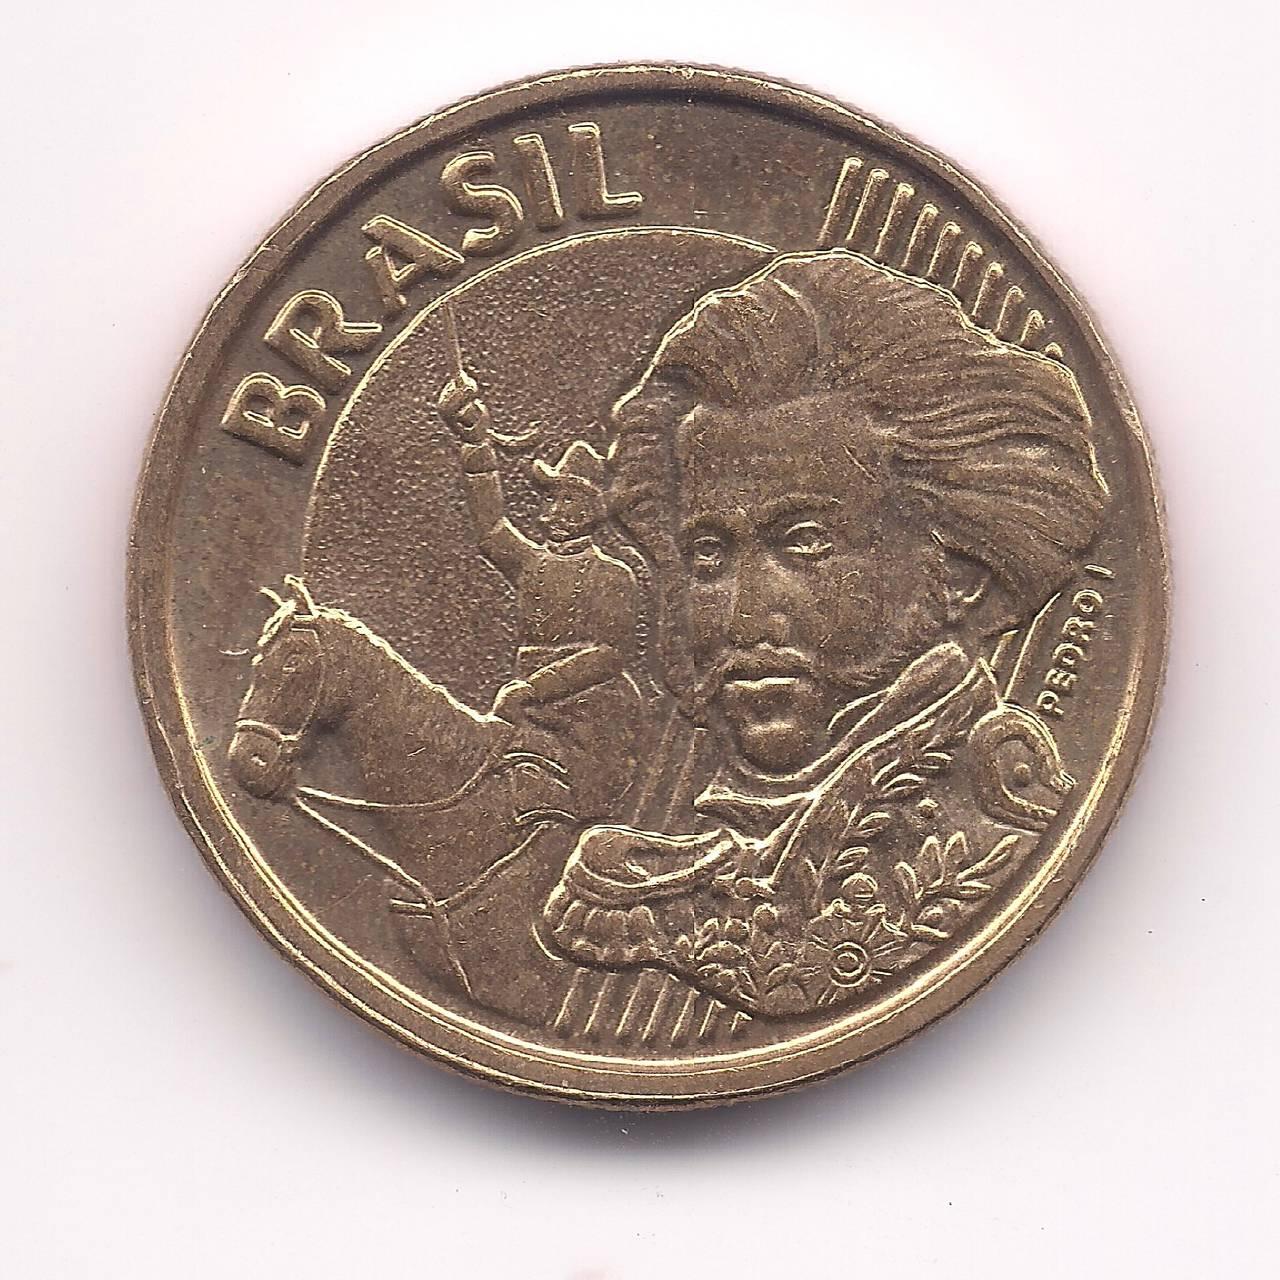 V485 - 10 Centavos 1998